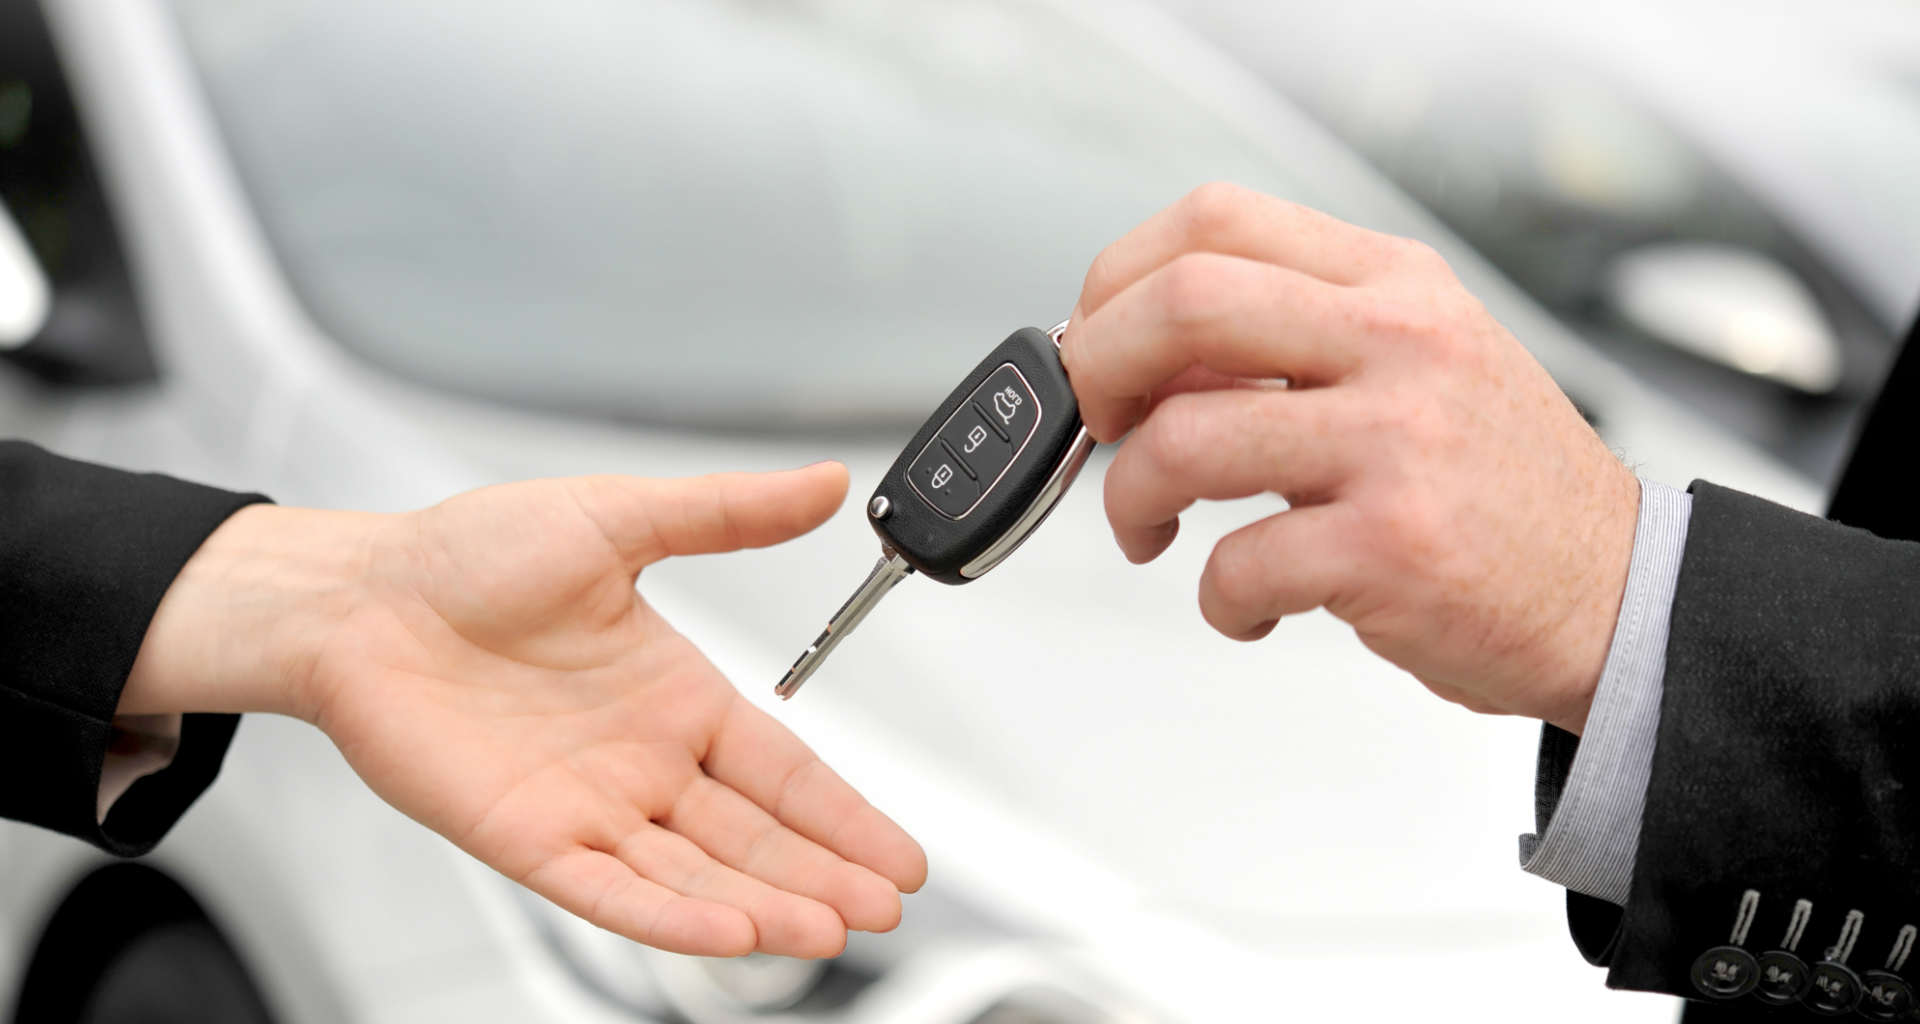 Želite najeti avto? Pomagali vam bomo najti pravega ponudnika najema avtomobilov